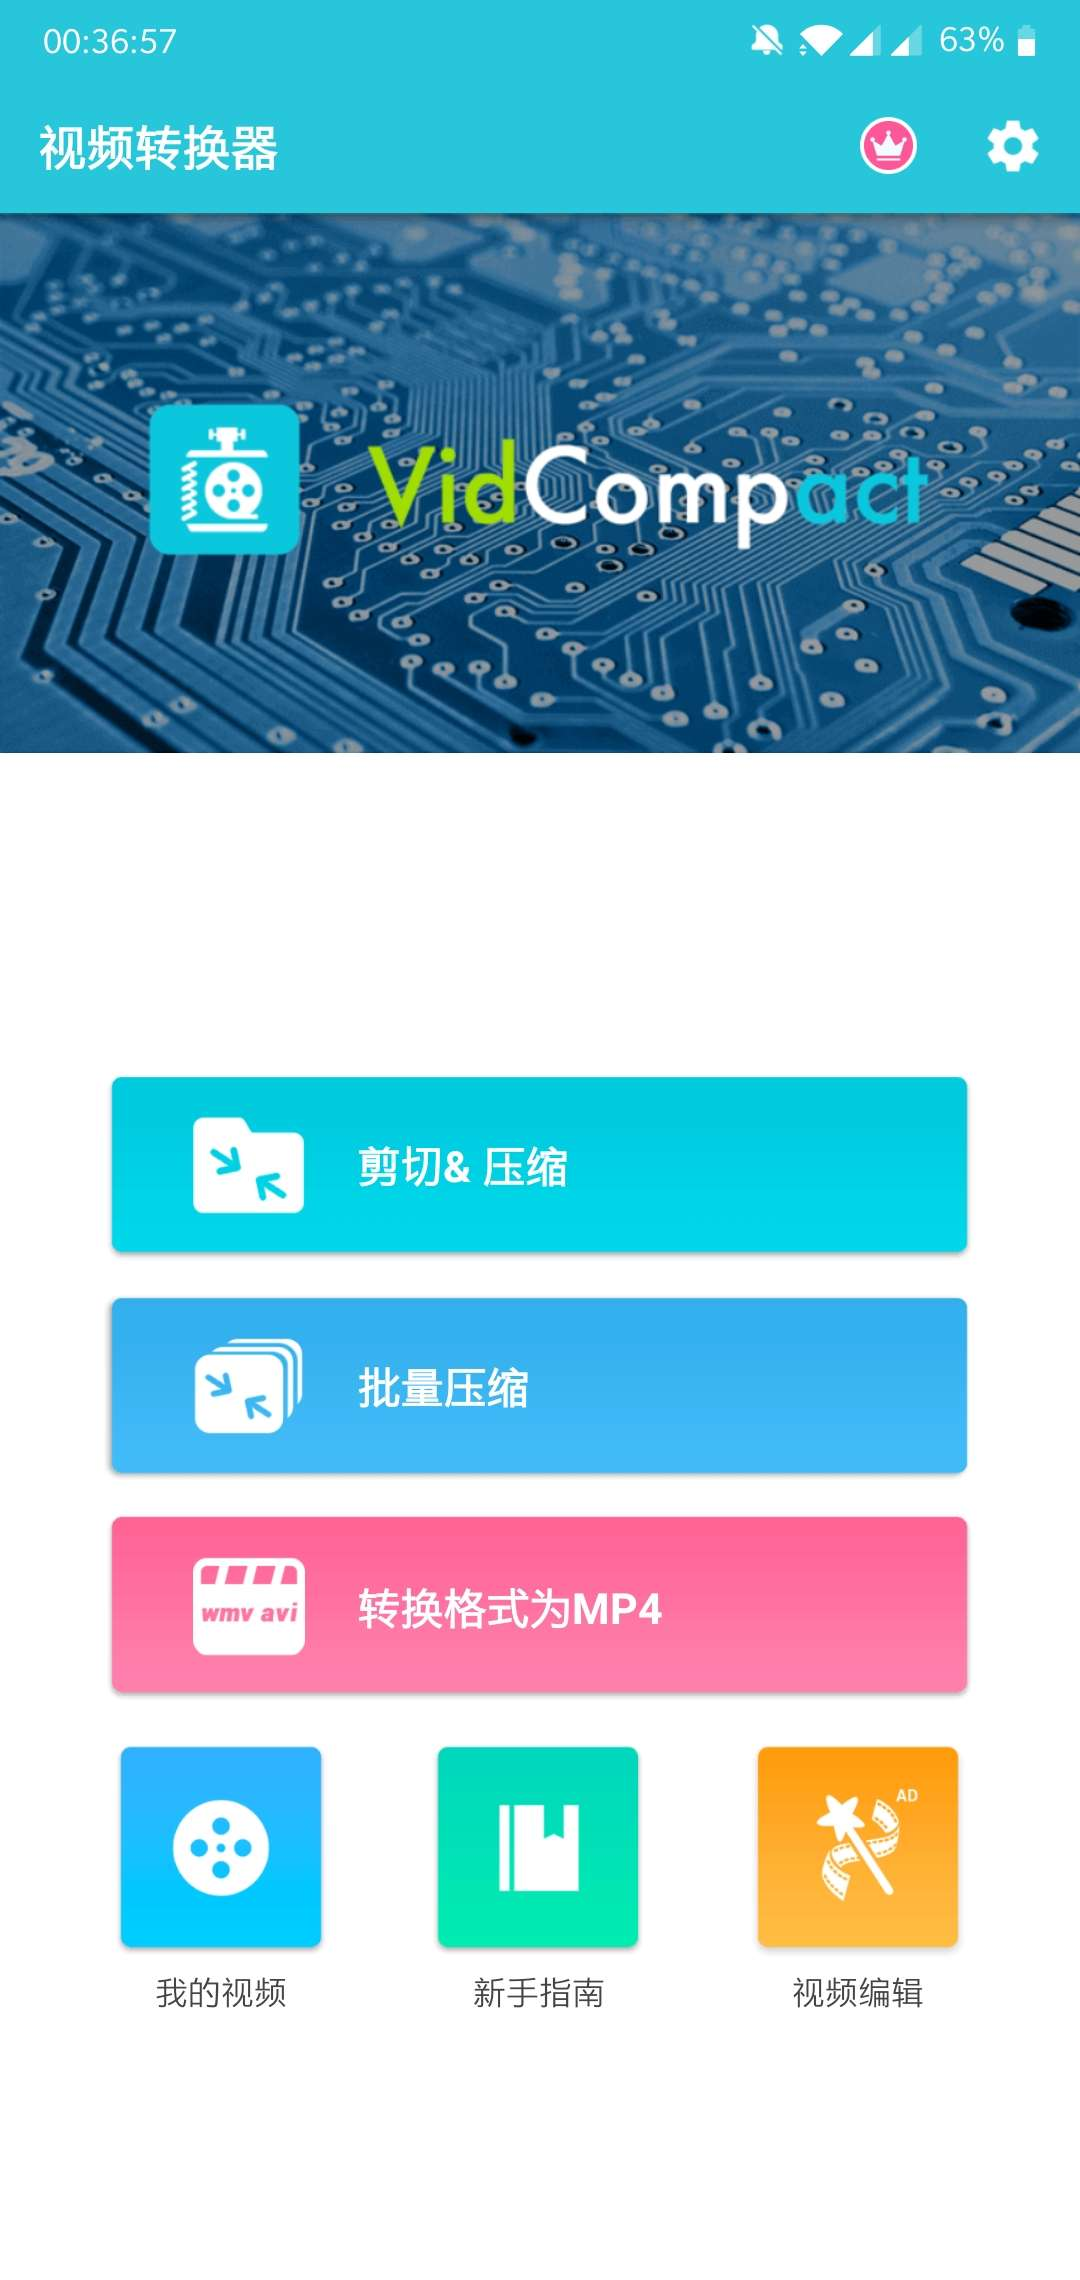 【分享】视频转换器v3.3.0已解锁会员特权